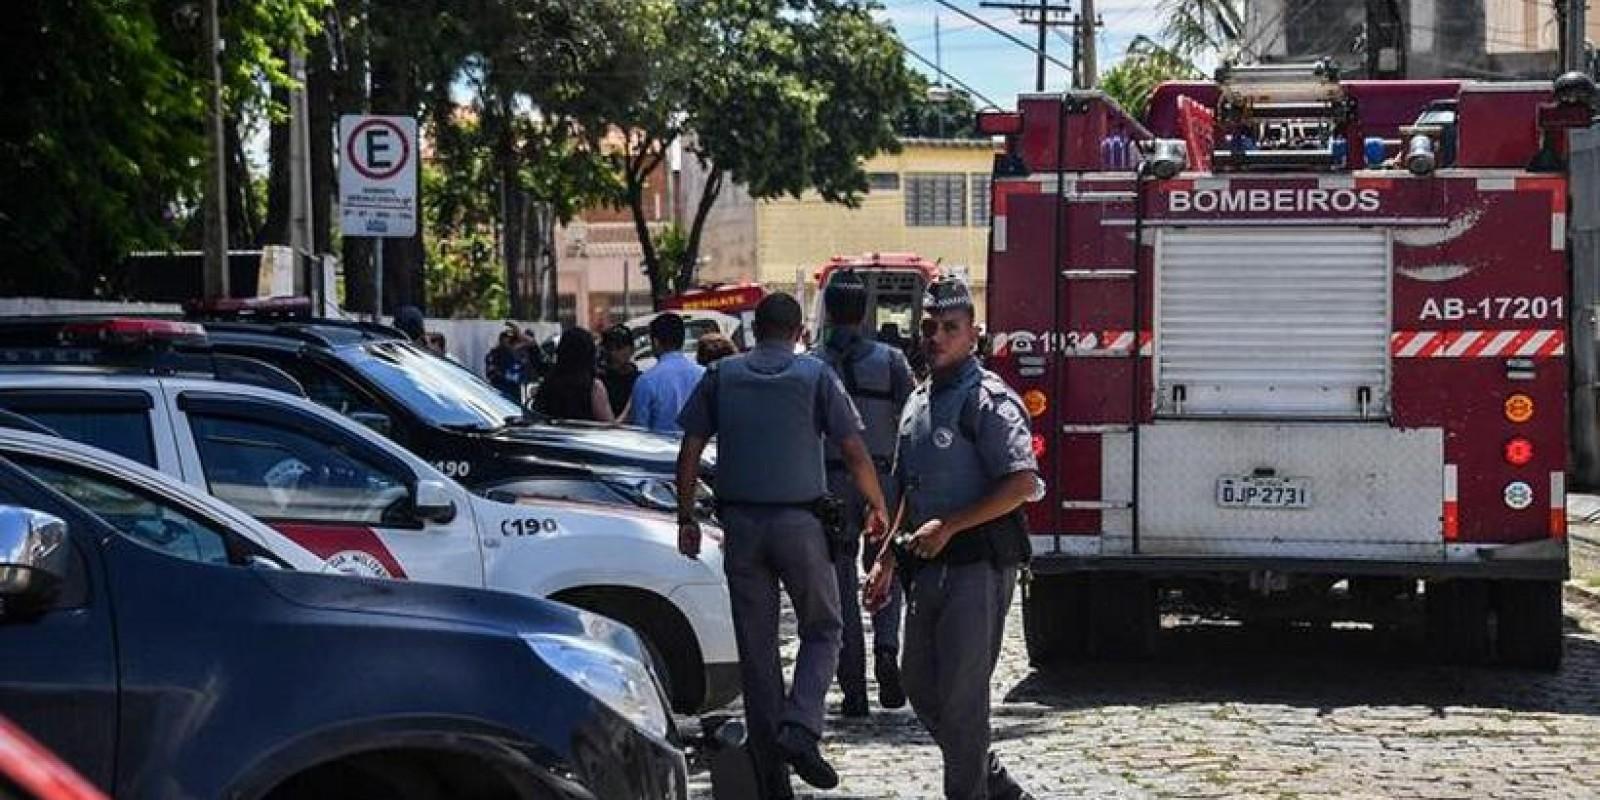 Adolescentes usaram revólver e arma medieval em ataque em Suzano